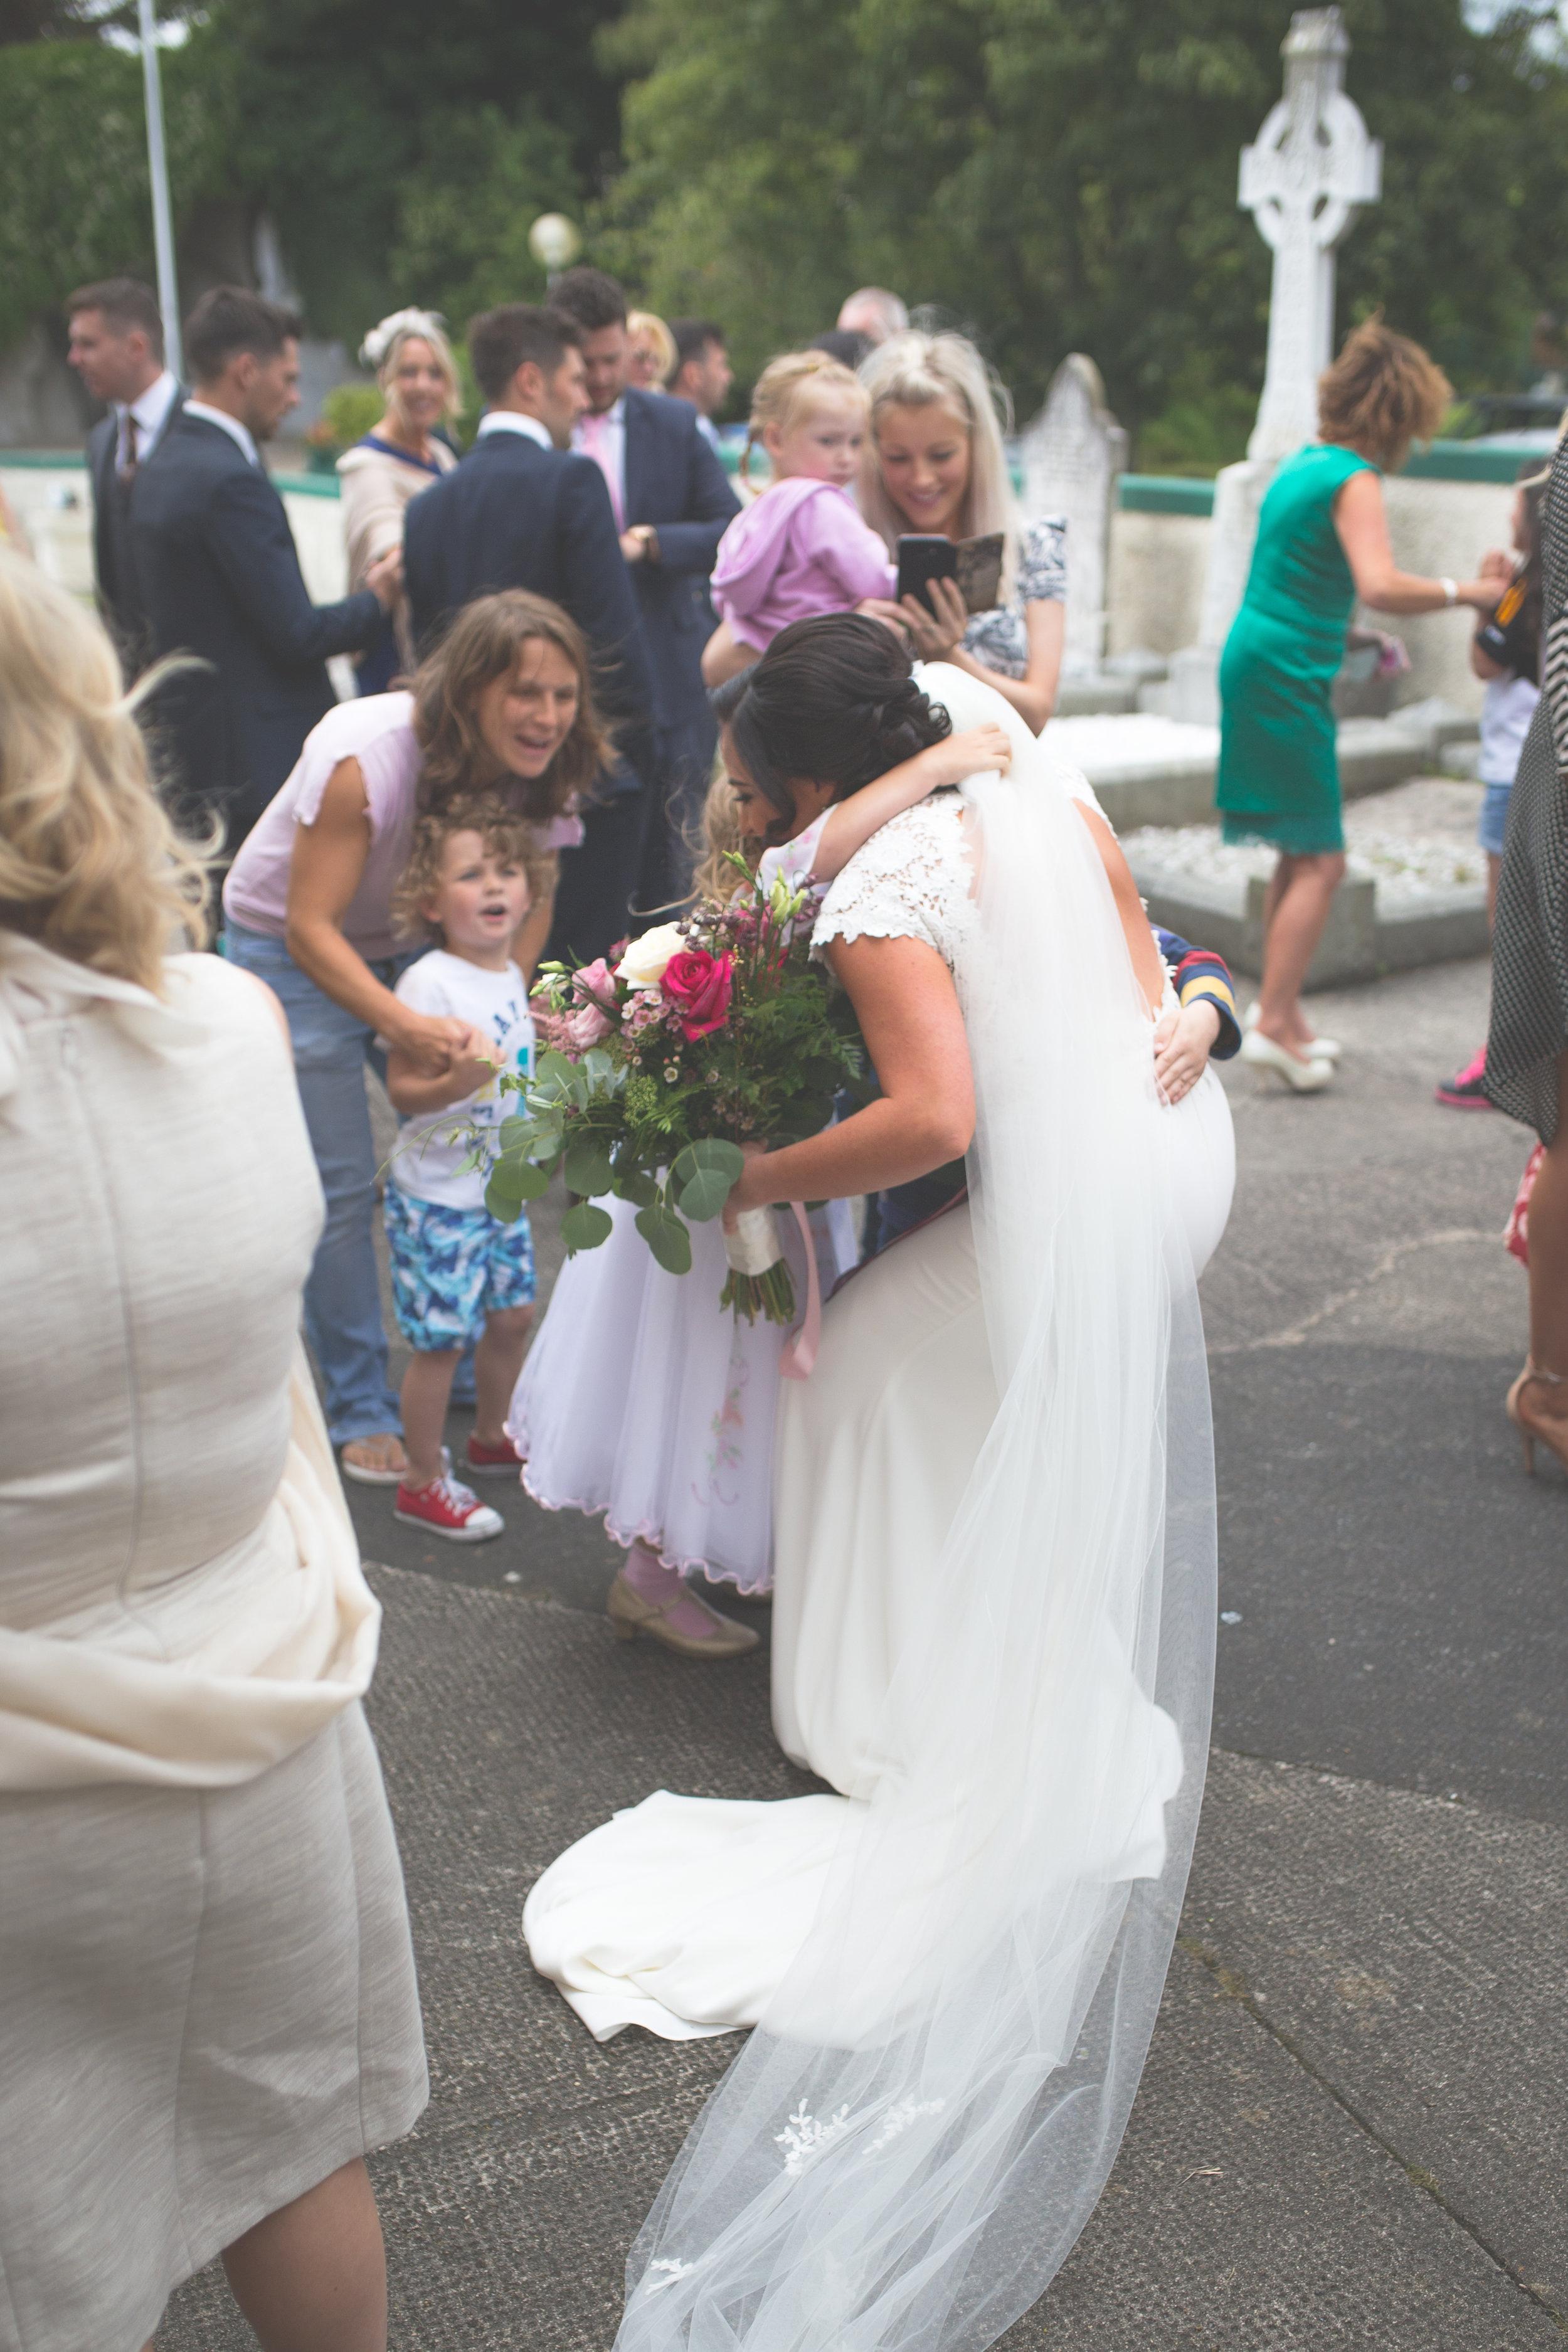 Brian McEwan Wedding Photography   Carol-Anne & Sean   The Ceremony-150.jpg